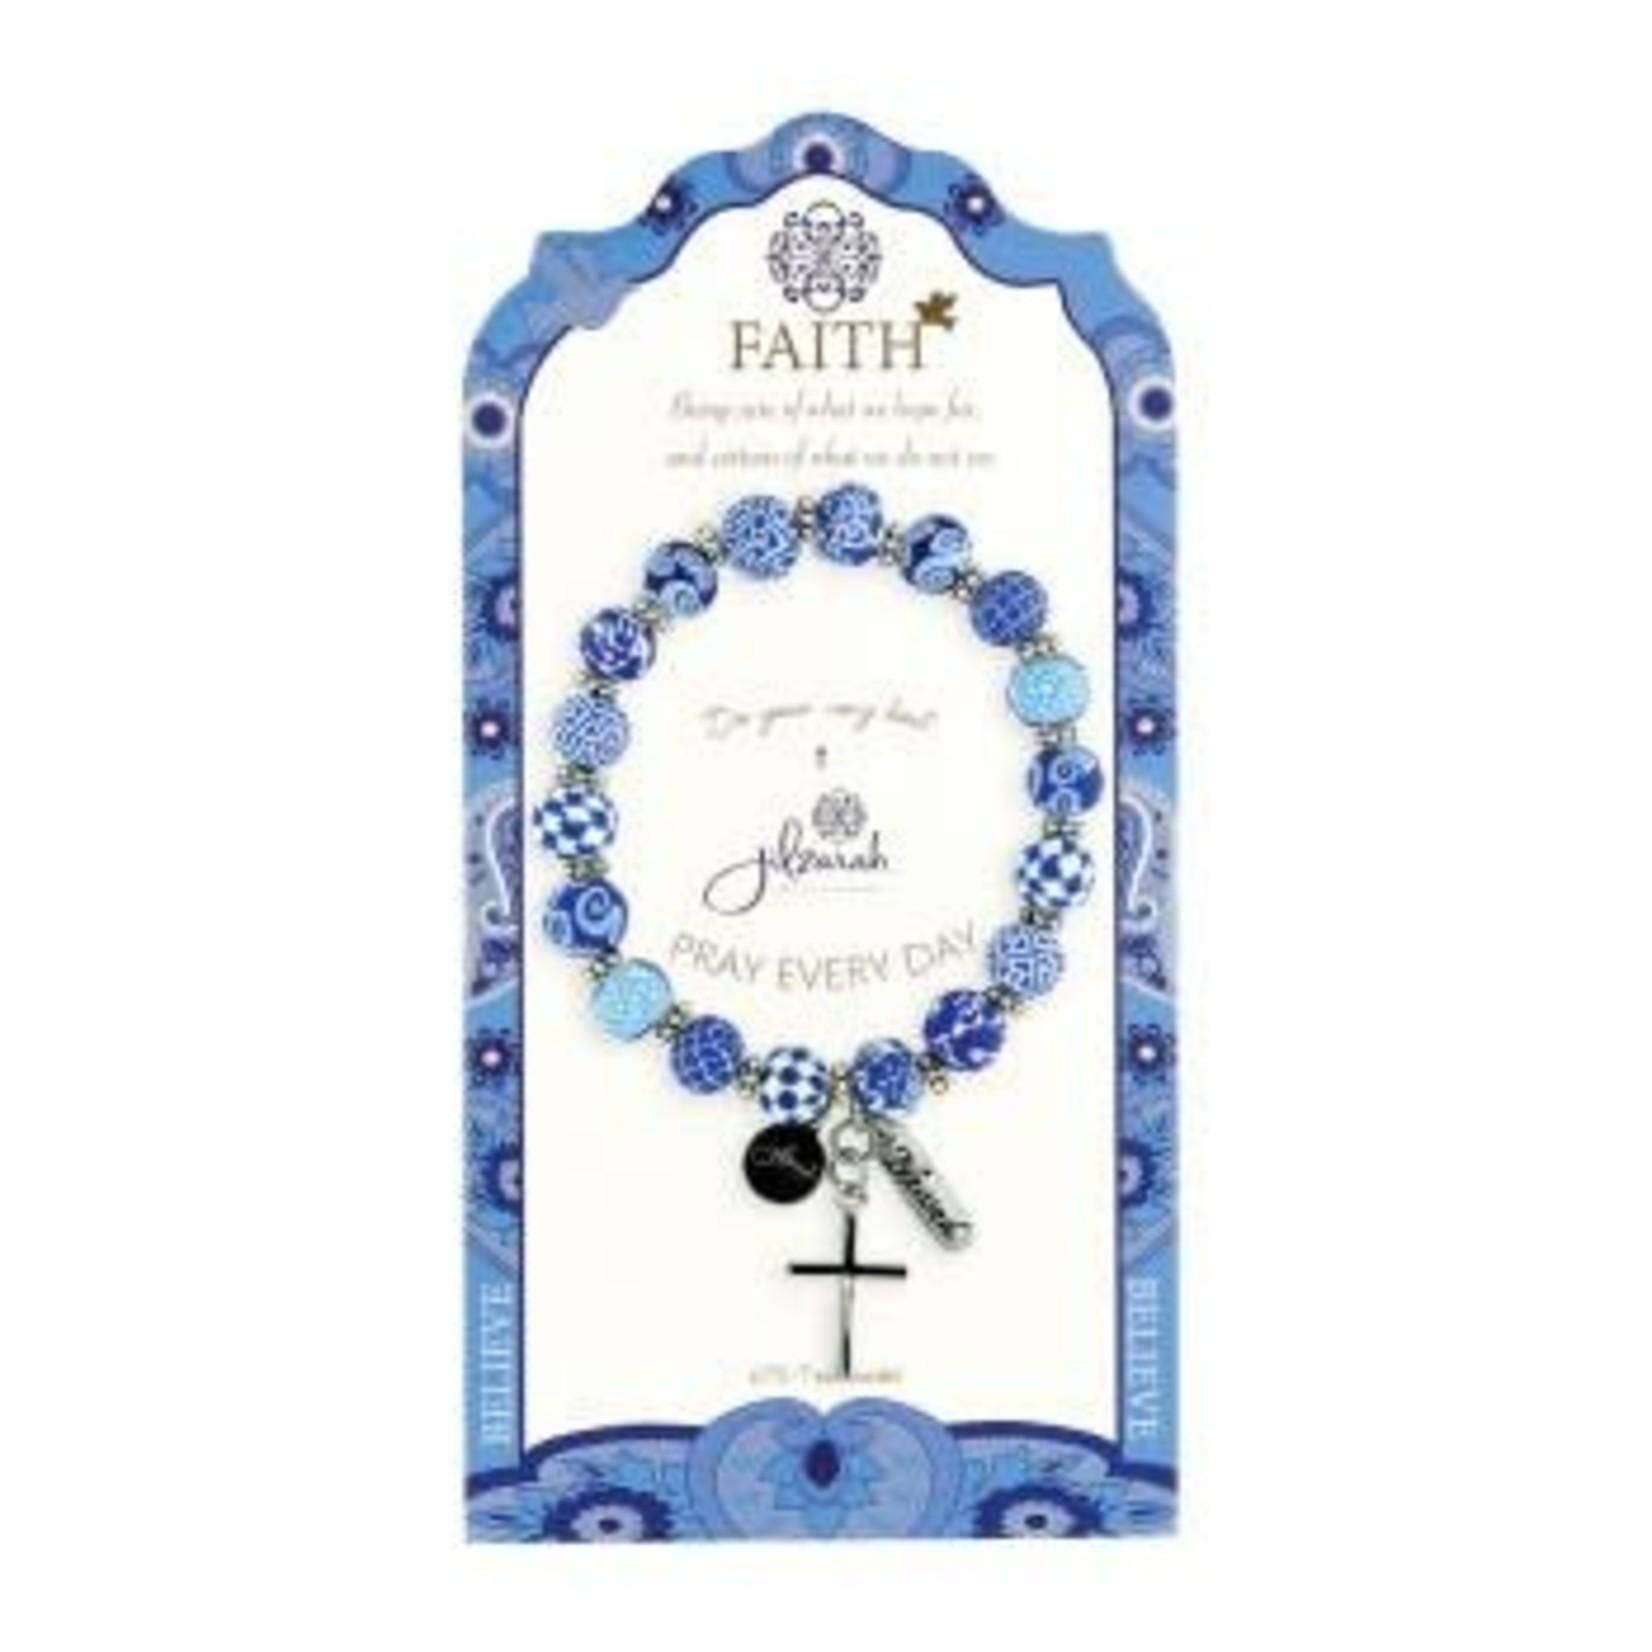 Jilzarah 495-007 Blue Specialty Faith Bracelet